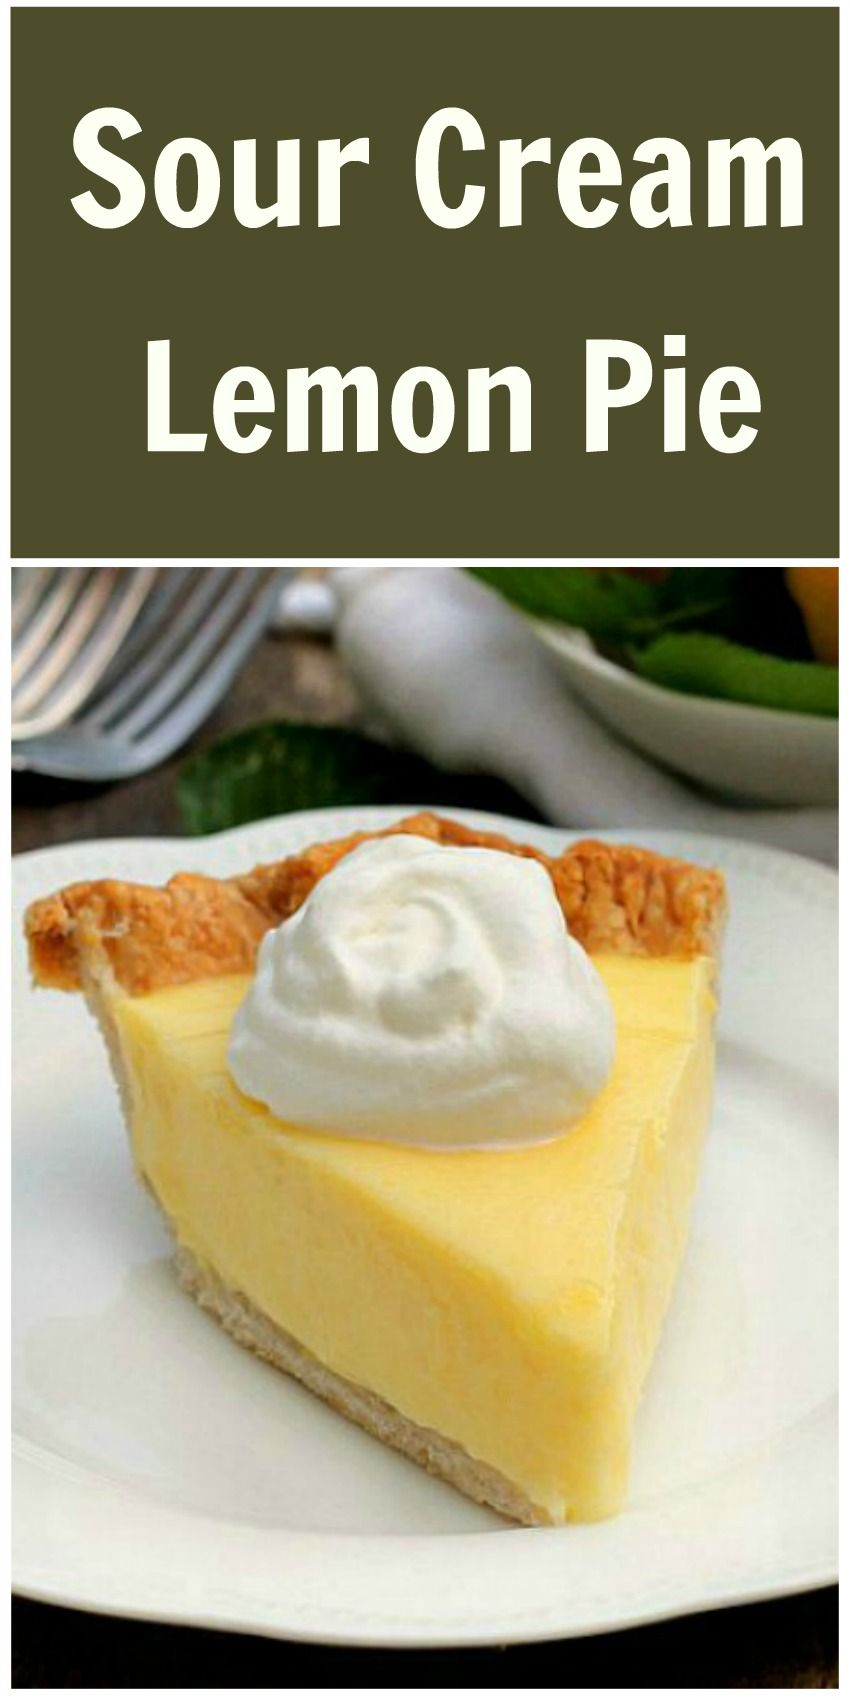 Sour Cream Lemon Pie Bunny S Warm Oven Lemon Sour Cream Pie Desserts Lemon Recipes